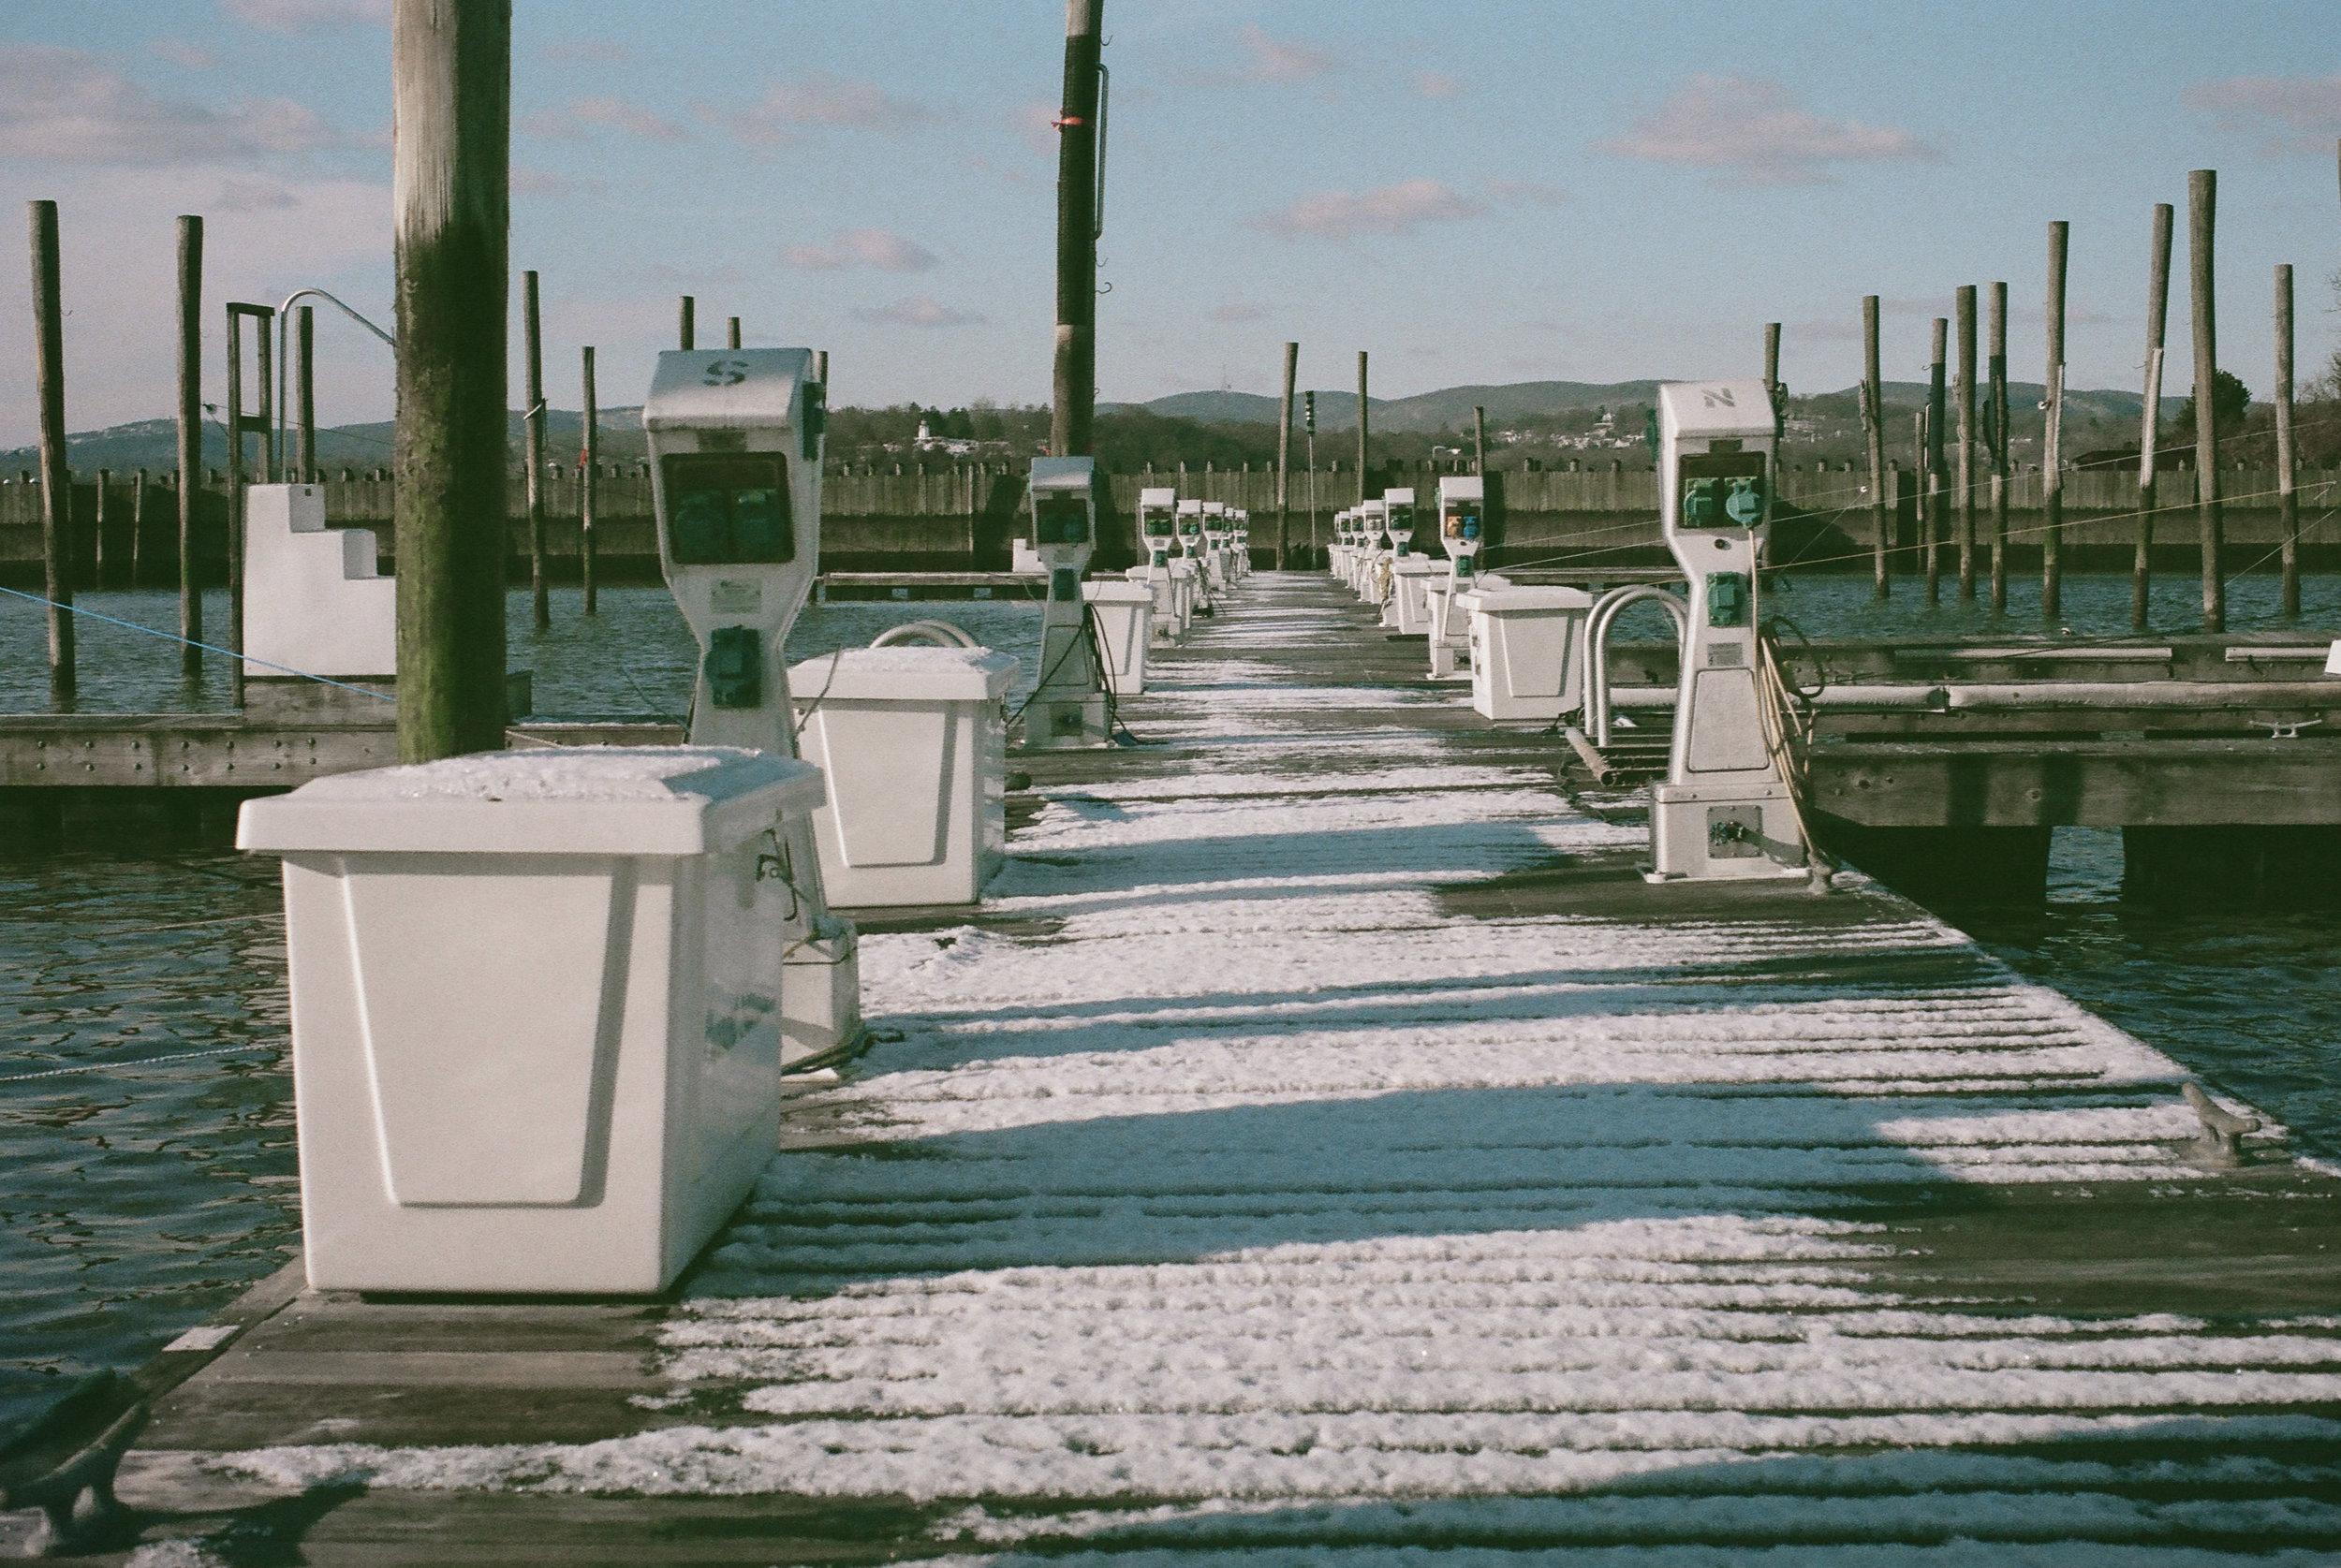 35mm Film - 00535 - Chris Goetchius 2017.jpg